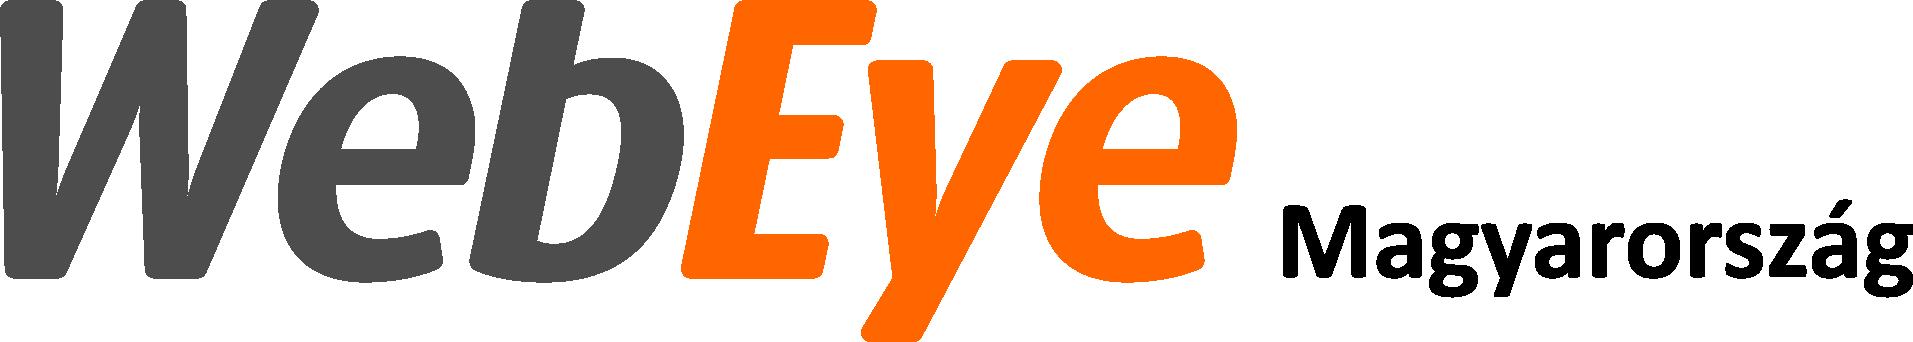 WebEye Magyarország.